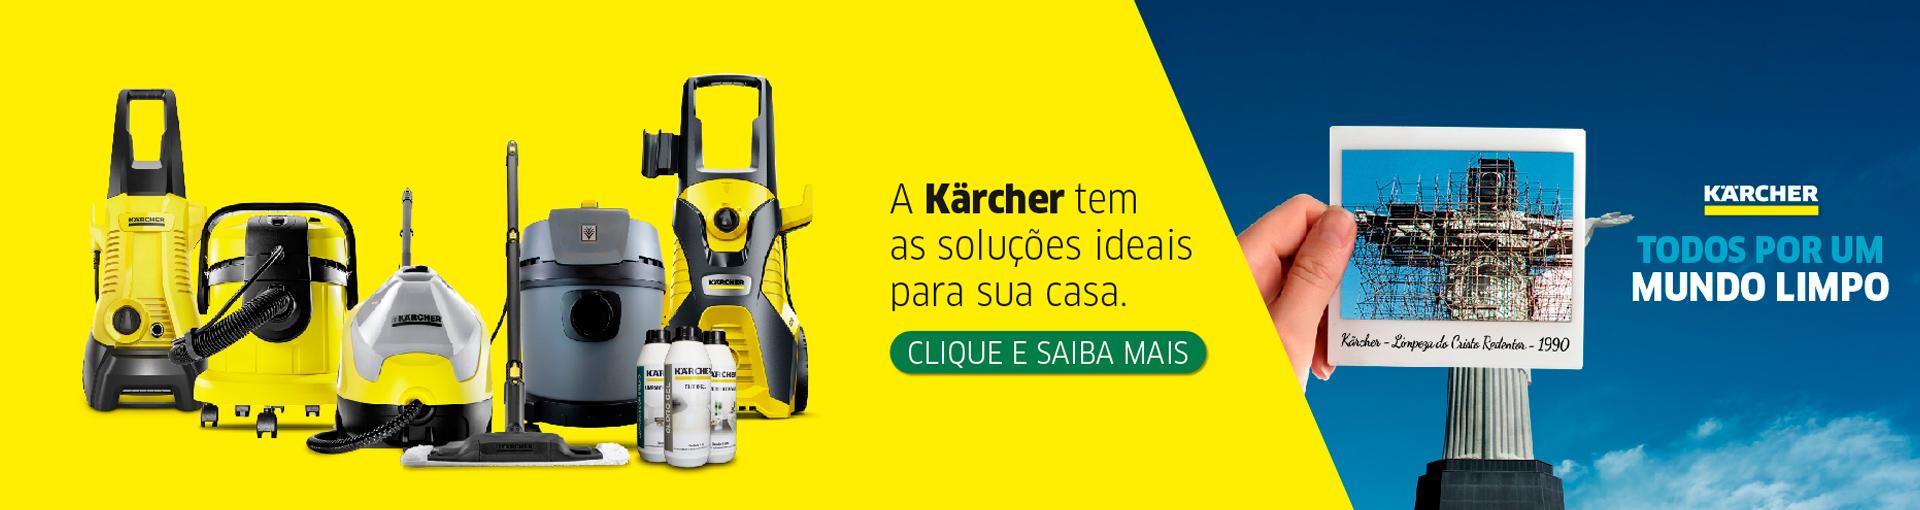 Banner Karcher Promo